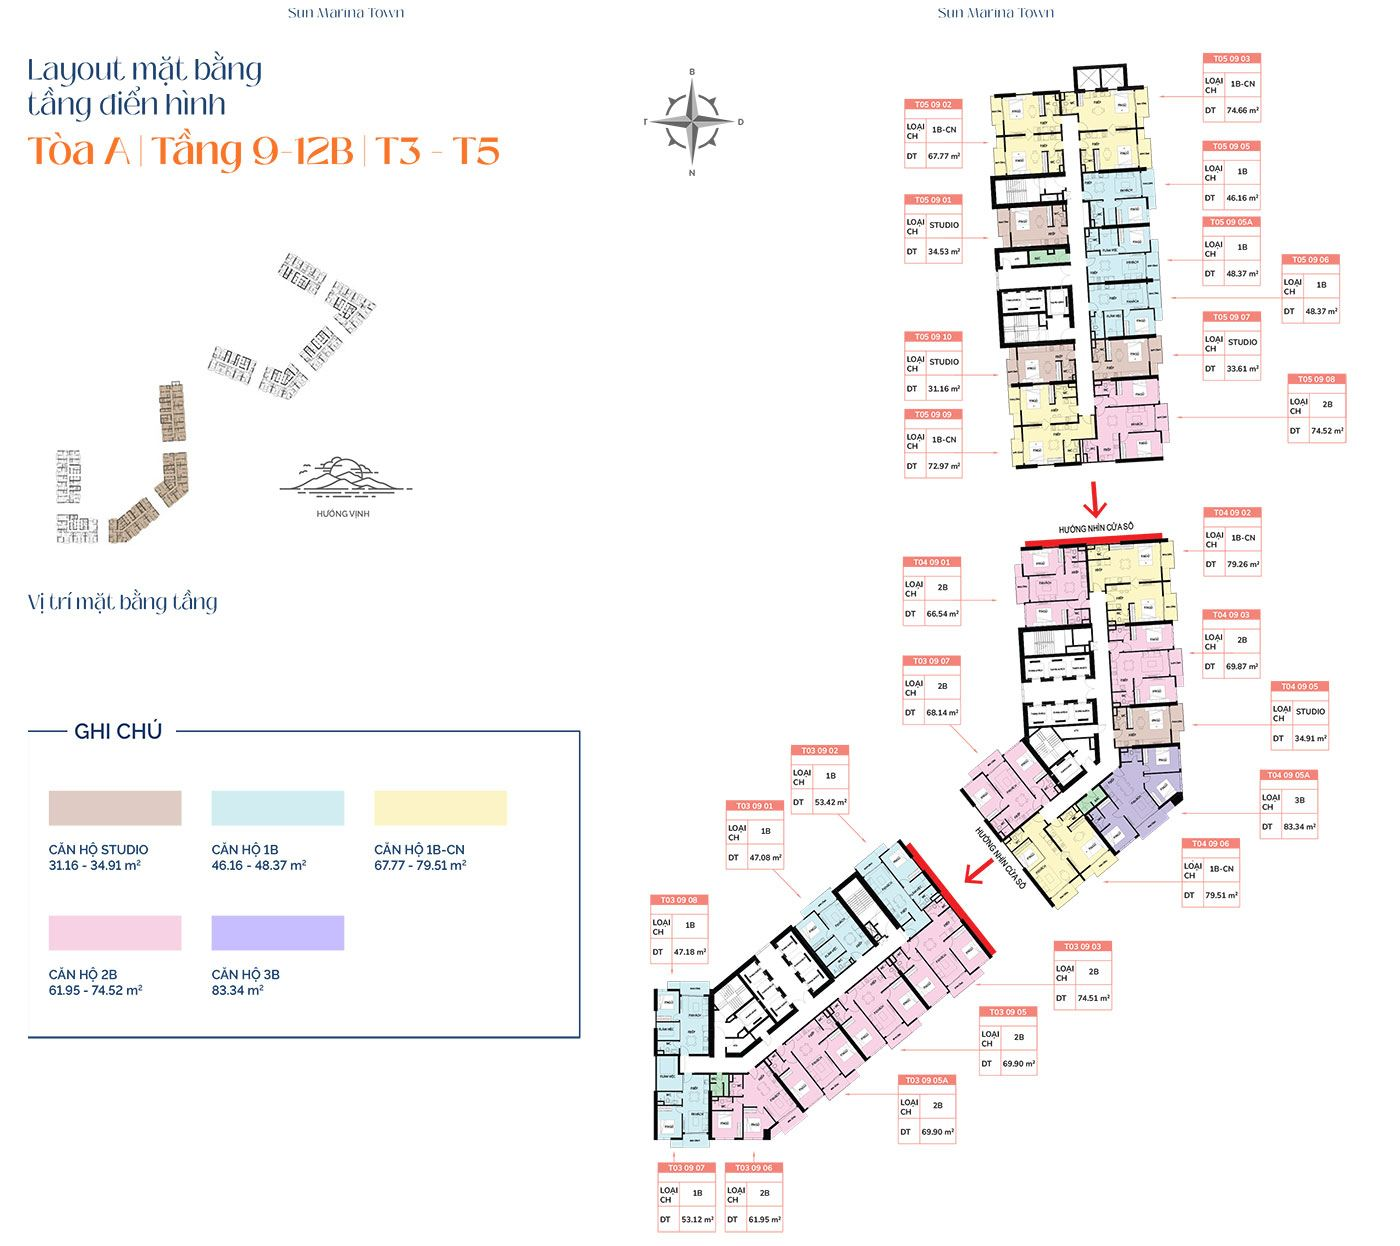 Mặt bằng tầng điển hình tòa A, từ tầng 9 đến tầng 12B, T3 và T5.